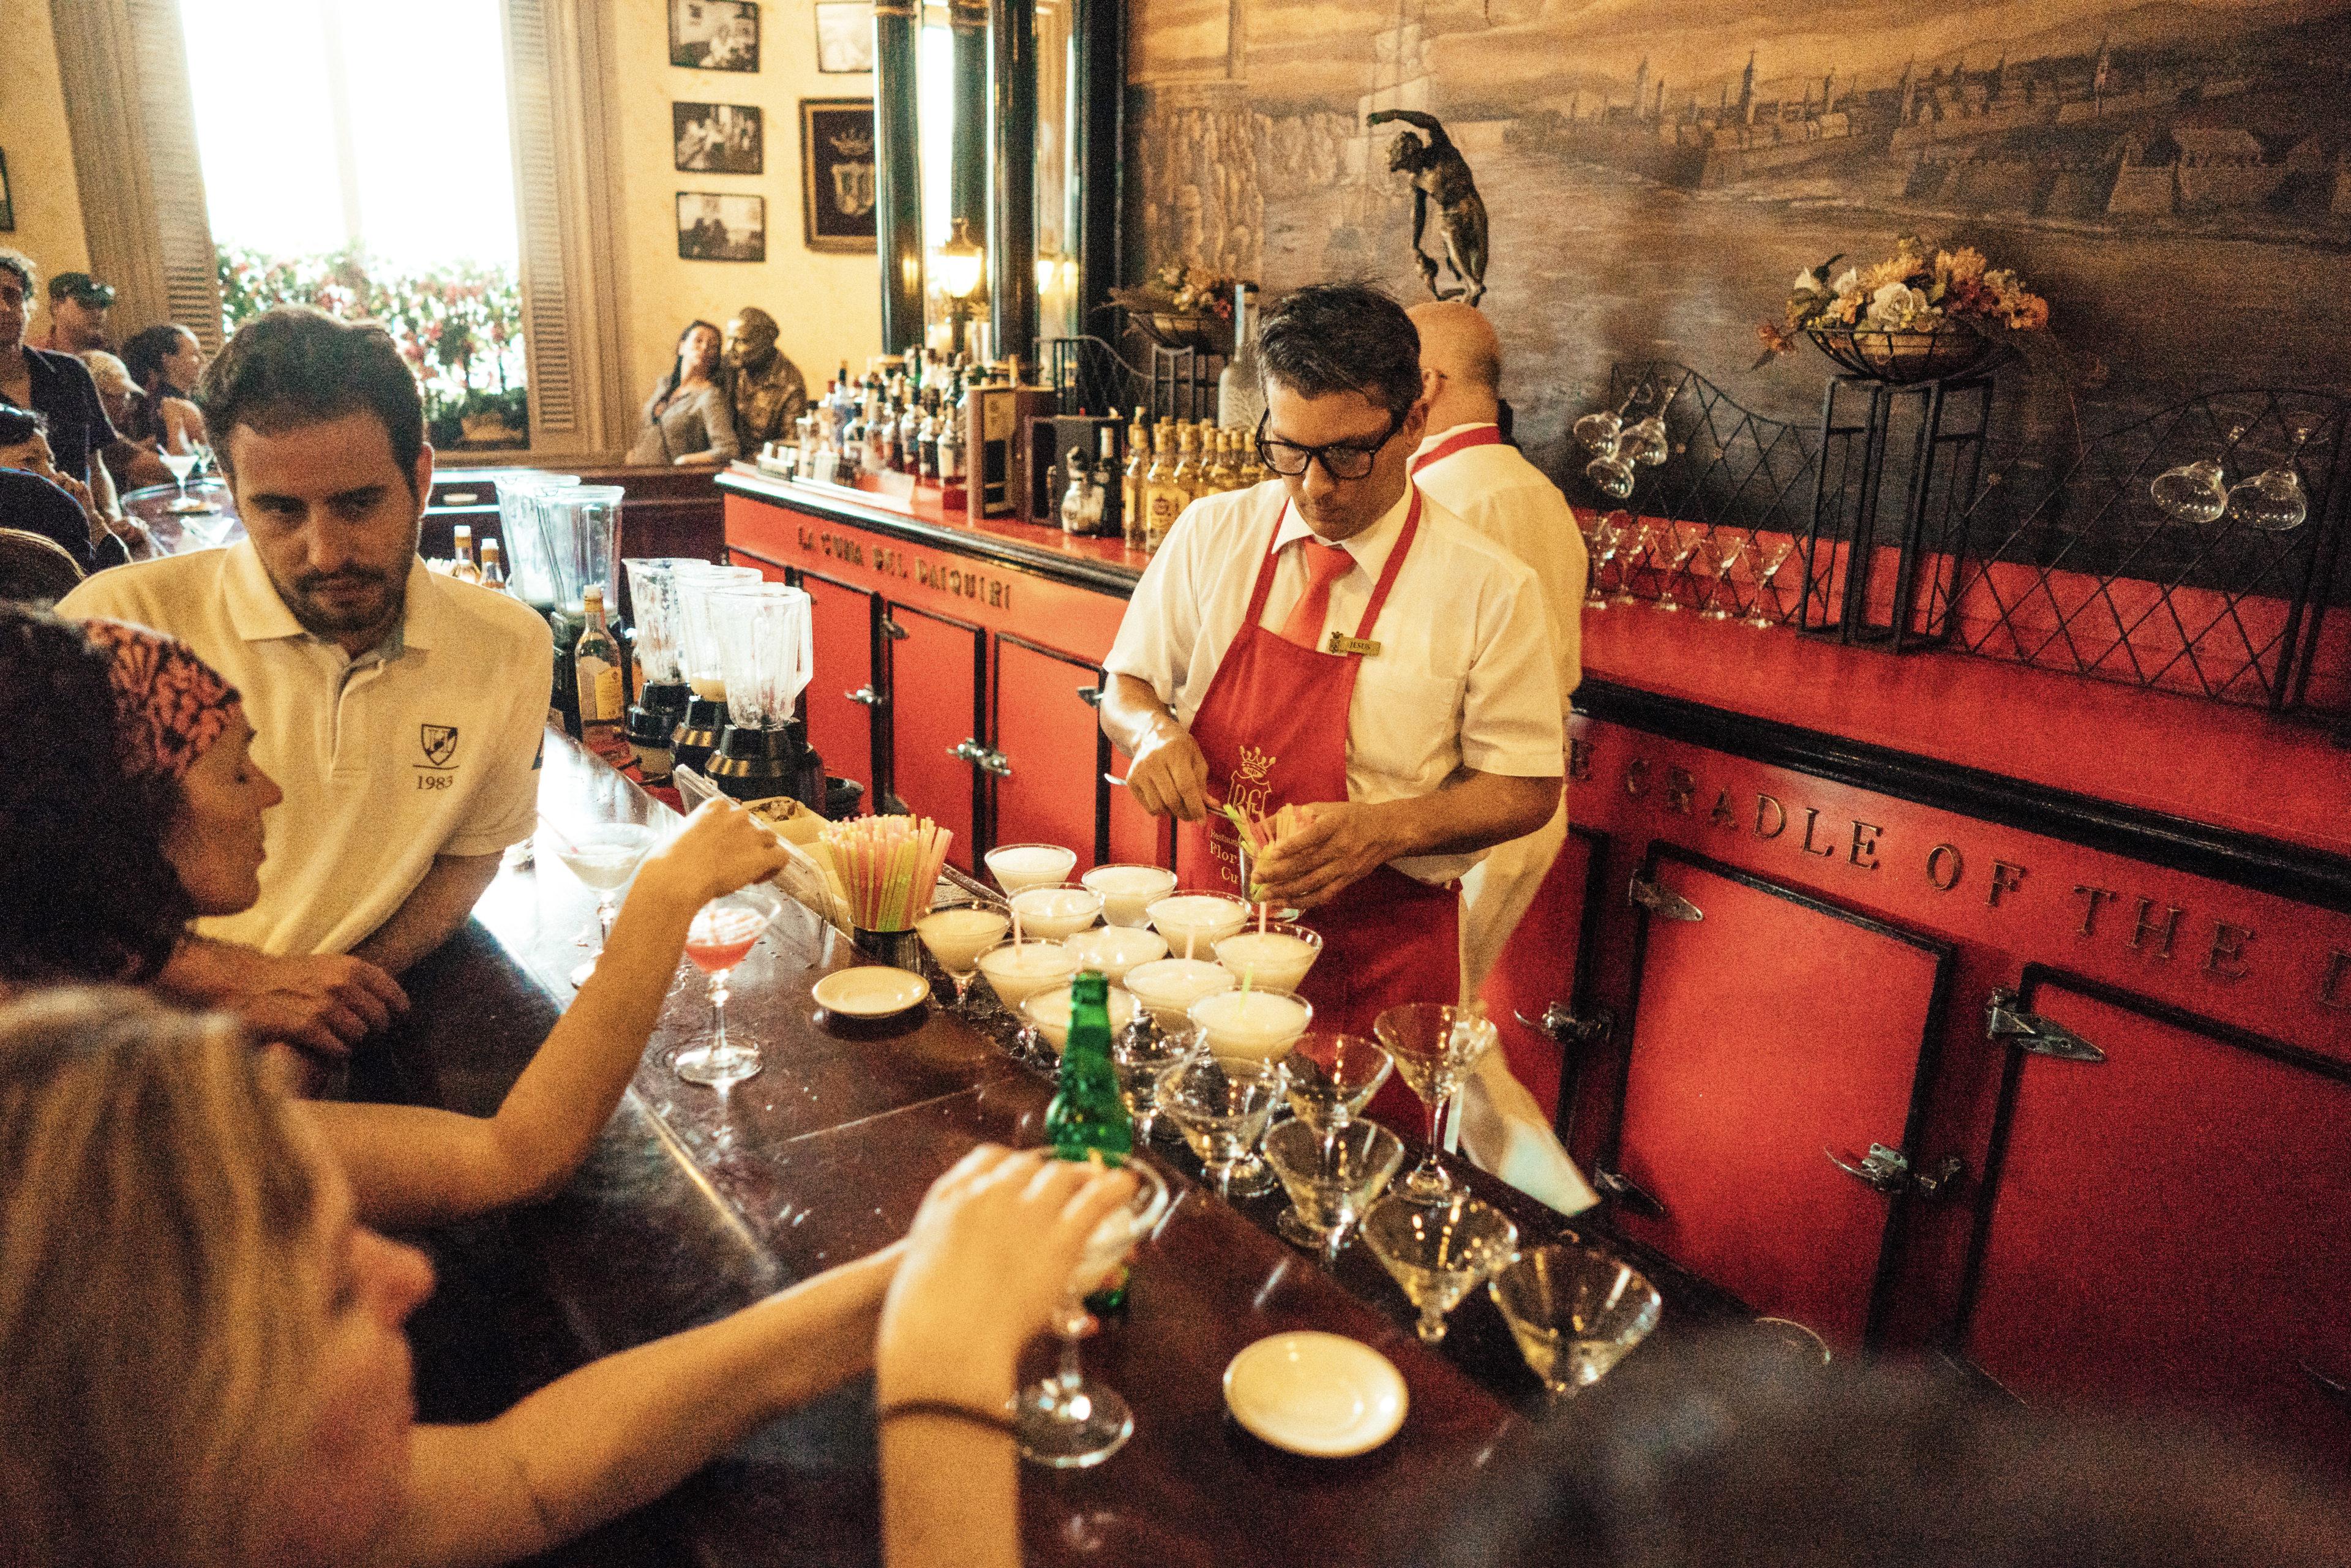 Reisende in einer Bar in Kuba